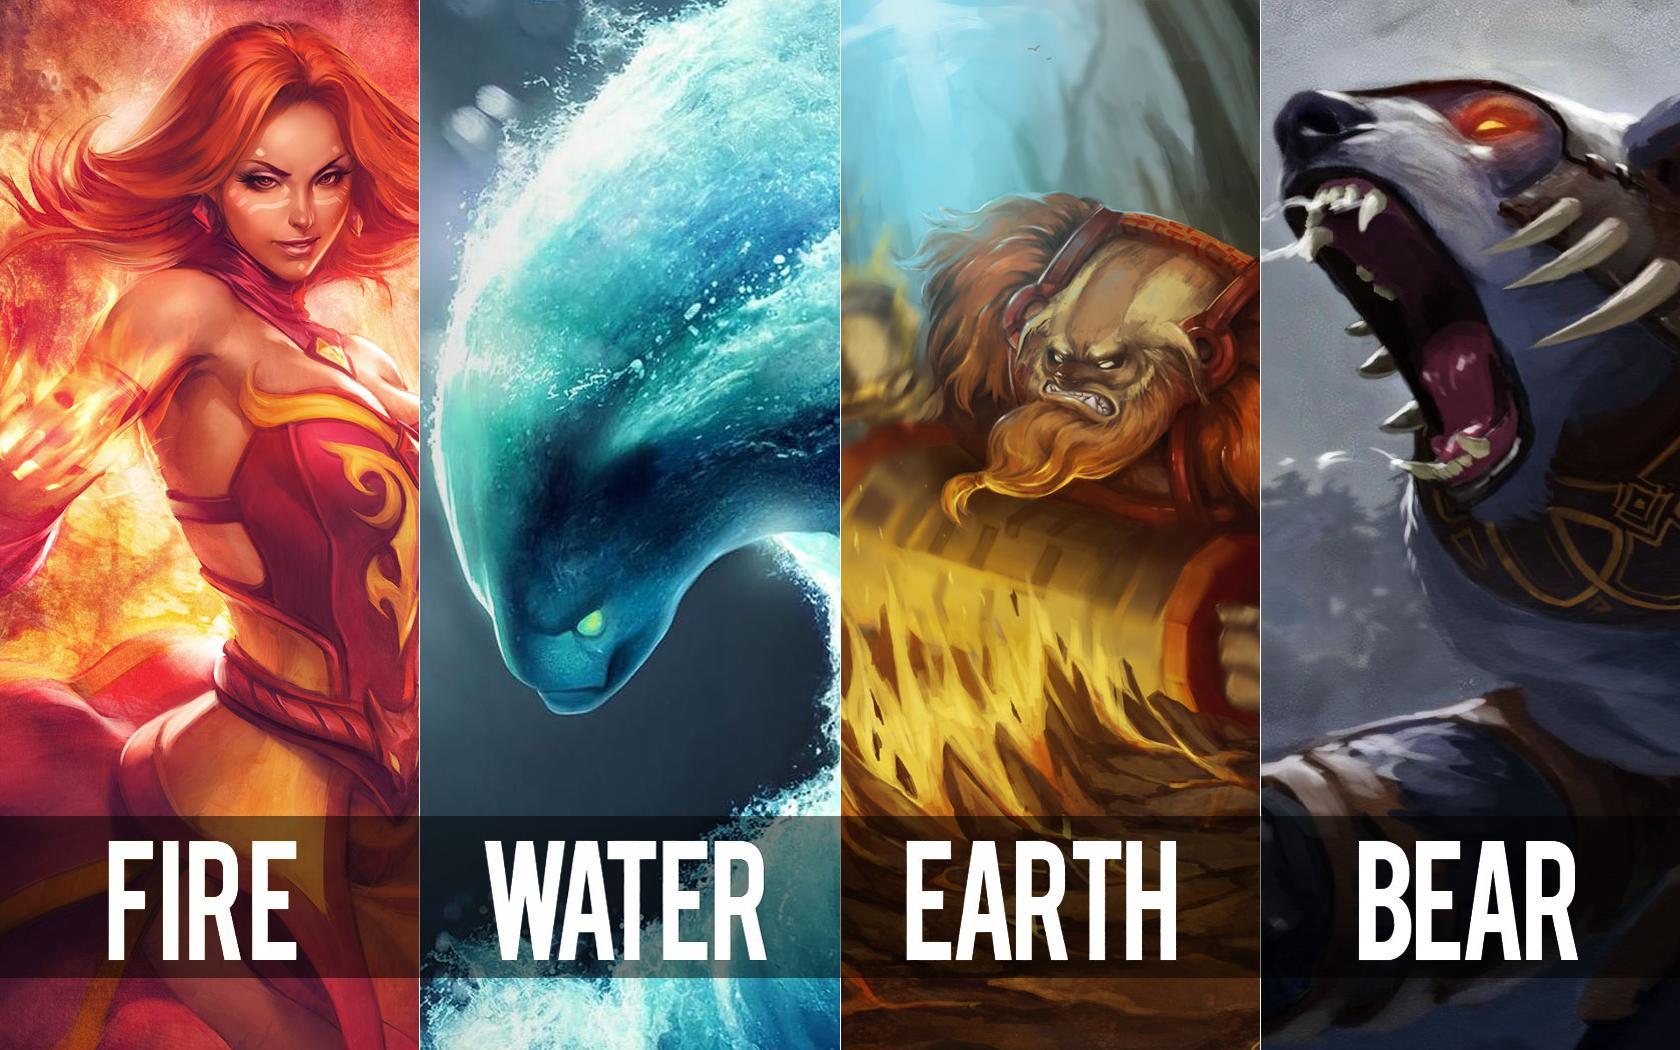 FIRE WATER EARTH BEAR!!!